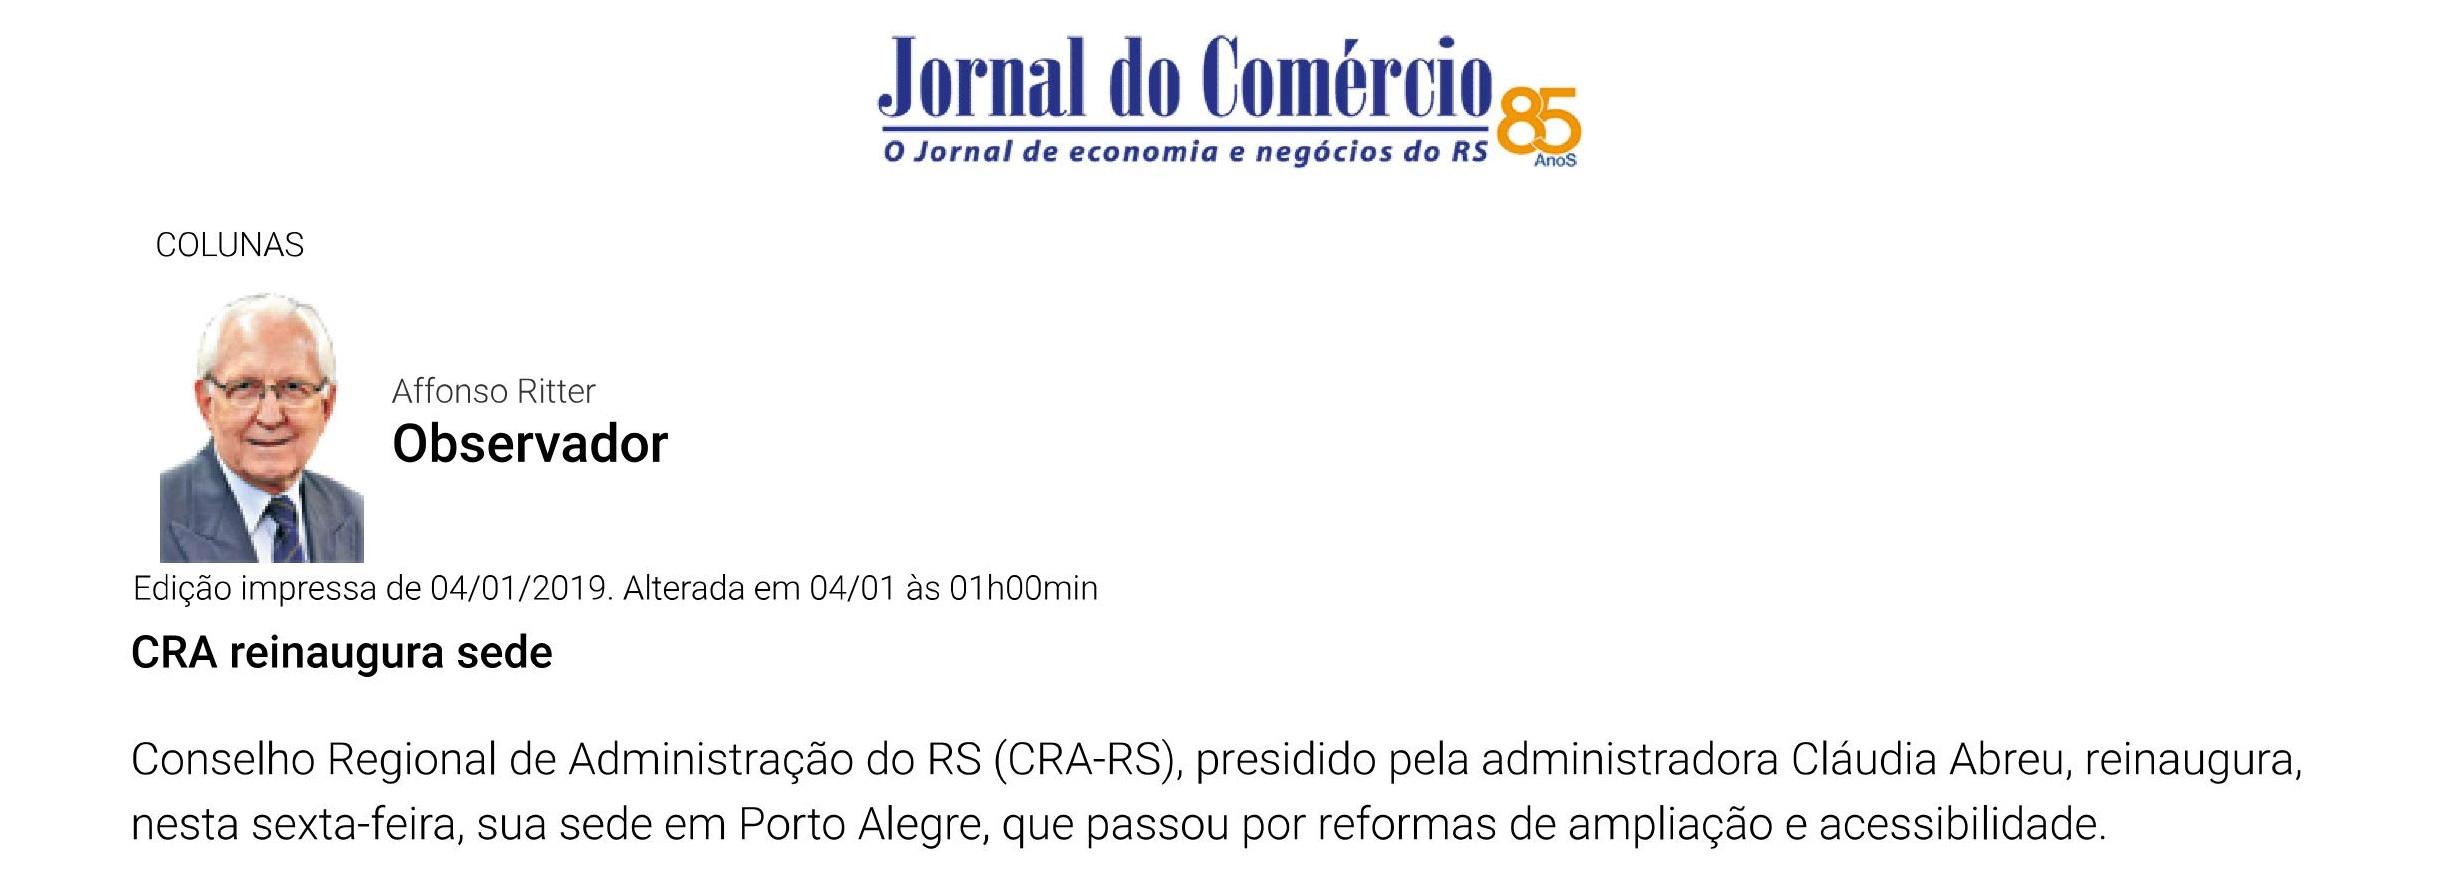 Inauguração da Reforma de ampliação e acessibilidade